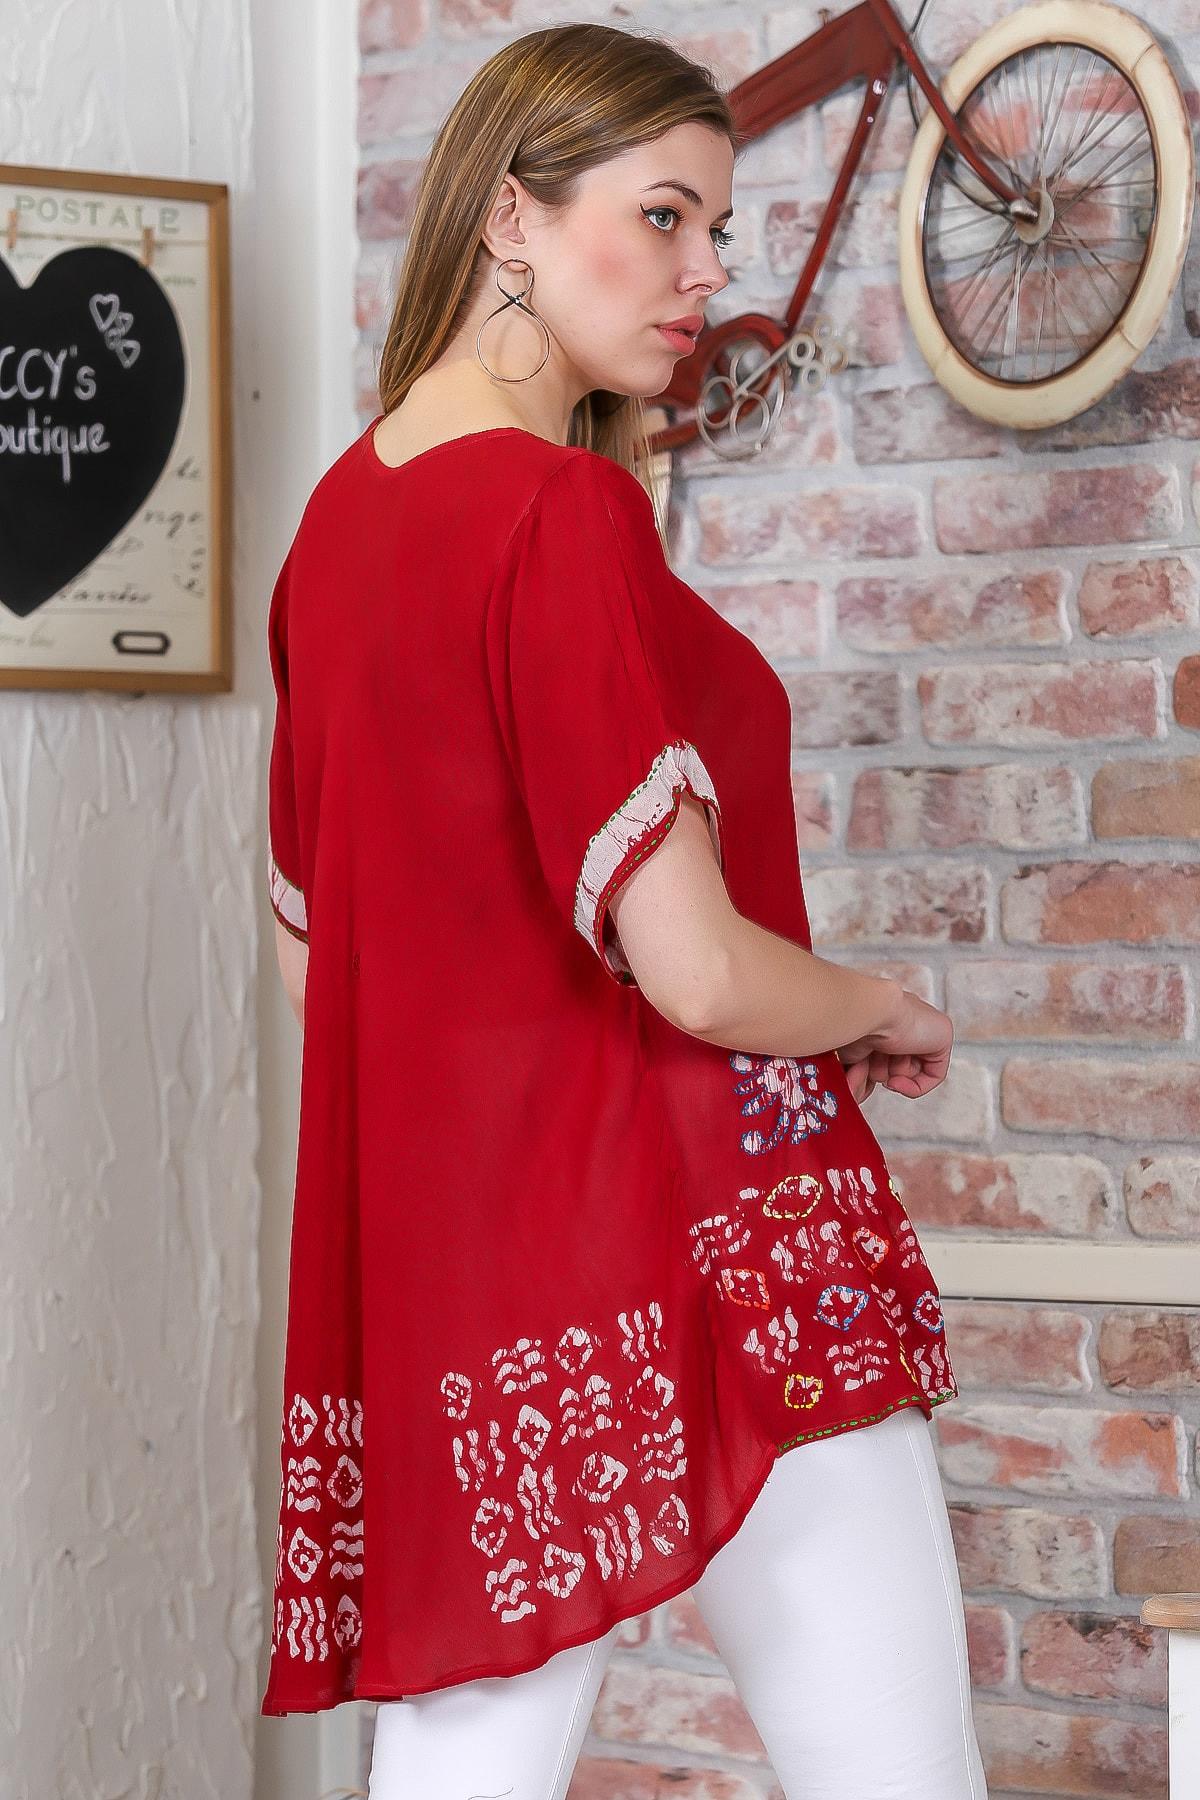 Chiccy Kadın Kırmızı Çiçek Baskılı Nakış Dikişli Kısa Kol Batik Salaş Dokuma Bluz M10010200BL95495 4